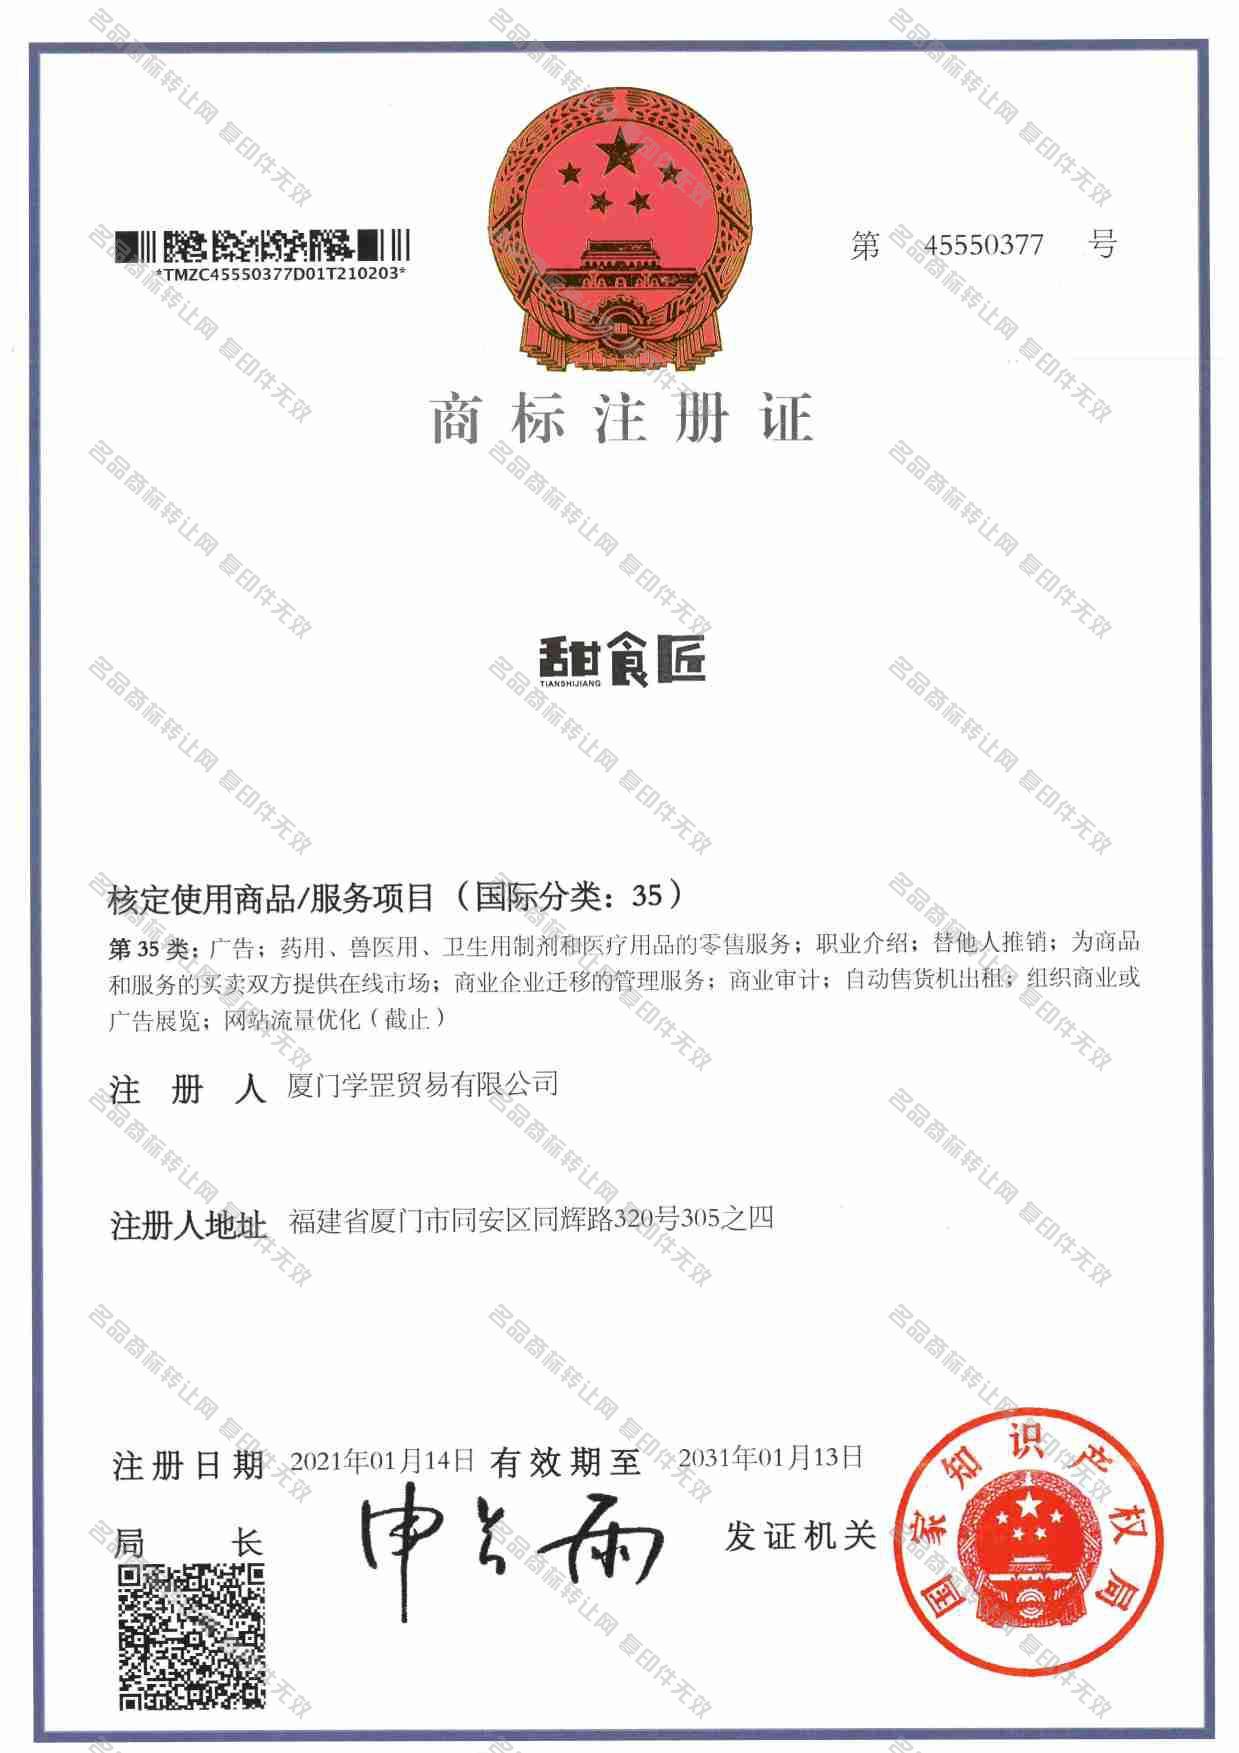 甜食匠;TIANSHIJIANG注册证